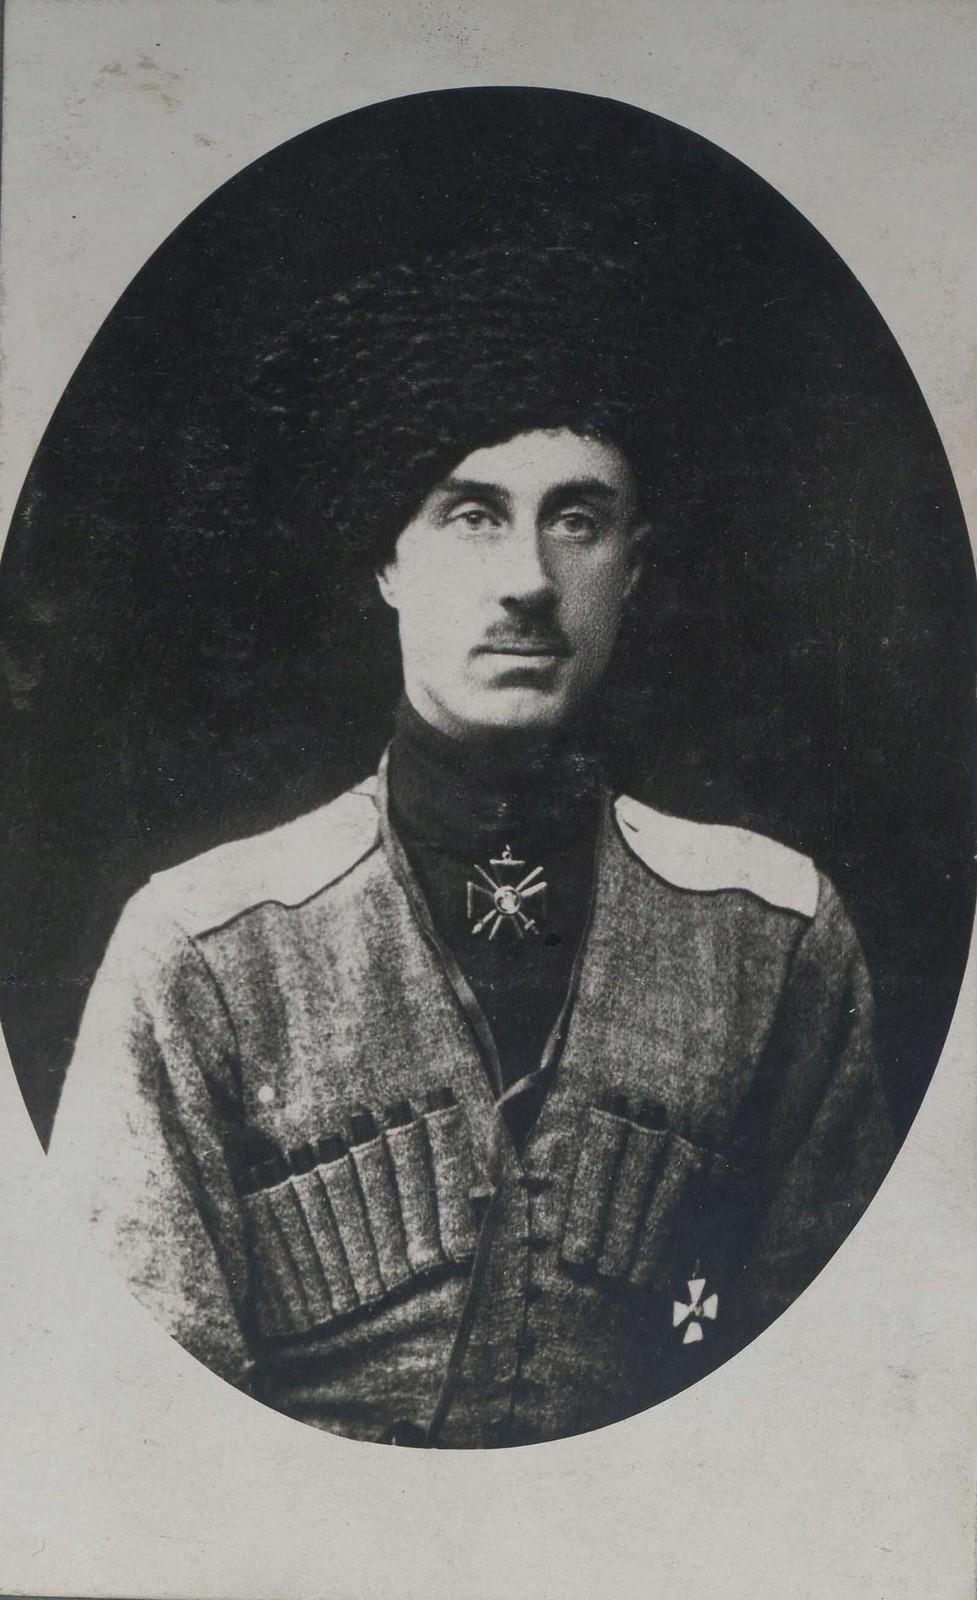 15. Генерального штаба генерал-лейтенант Пётр Николаевич Врангель